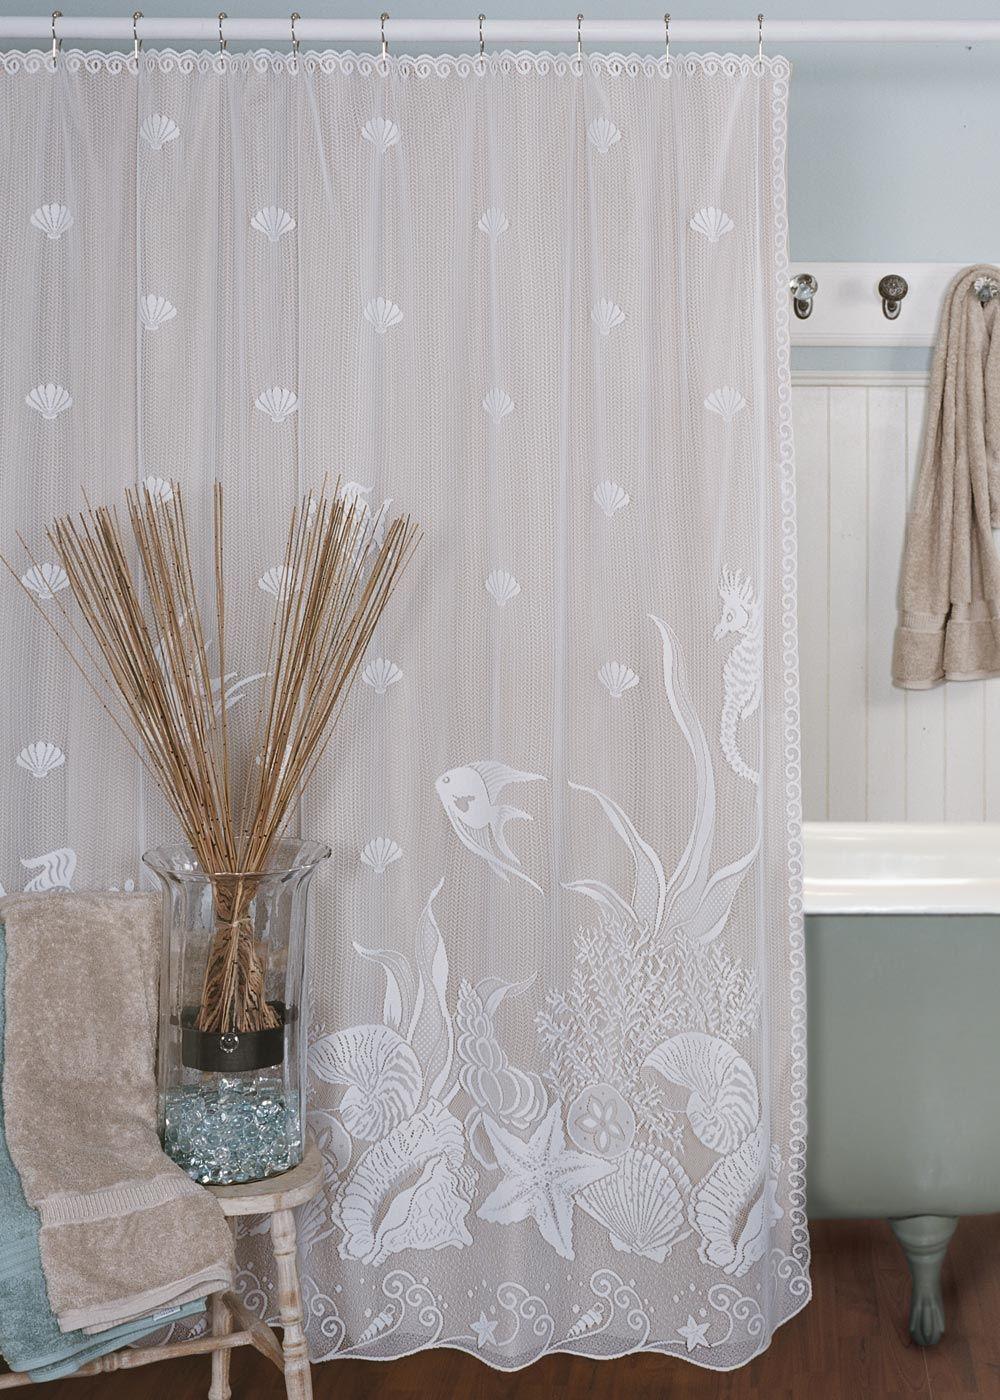 White lace shower curtain legalizecrew pinterest